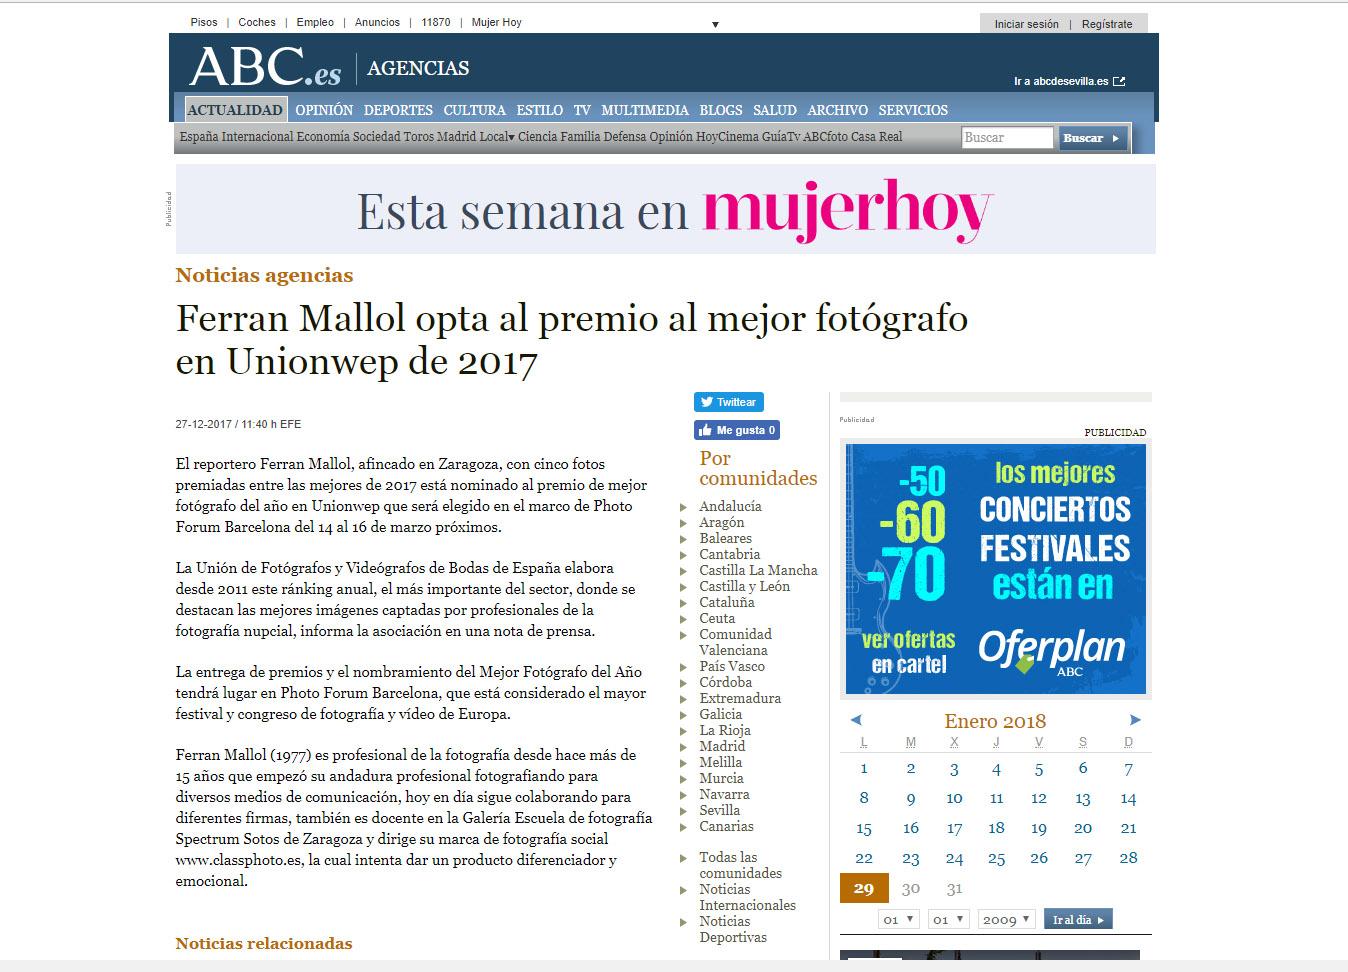 Los medios se hacen eco de nuestra nominación, ferran mallol, classphoto, fotografía de boda en Zaragoza, abc